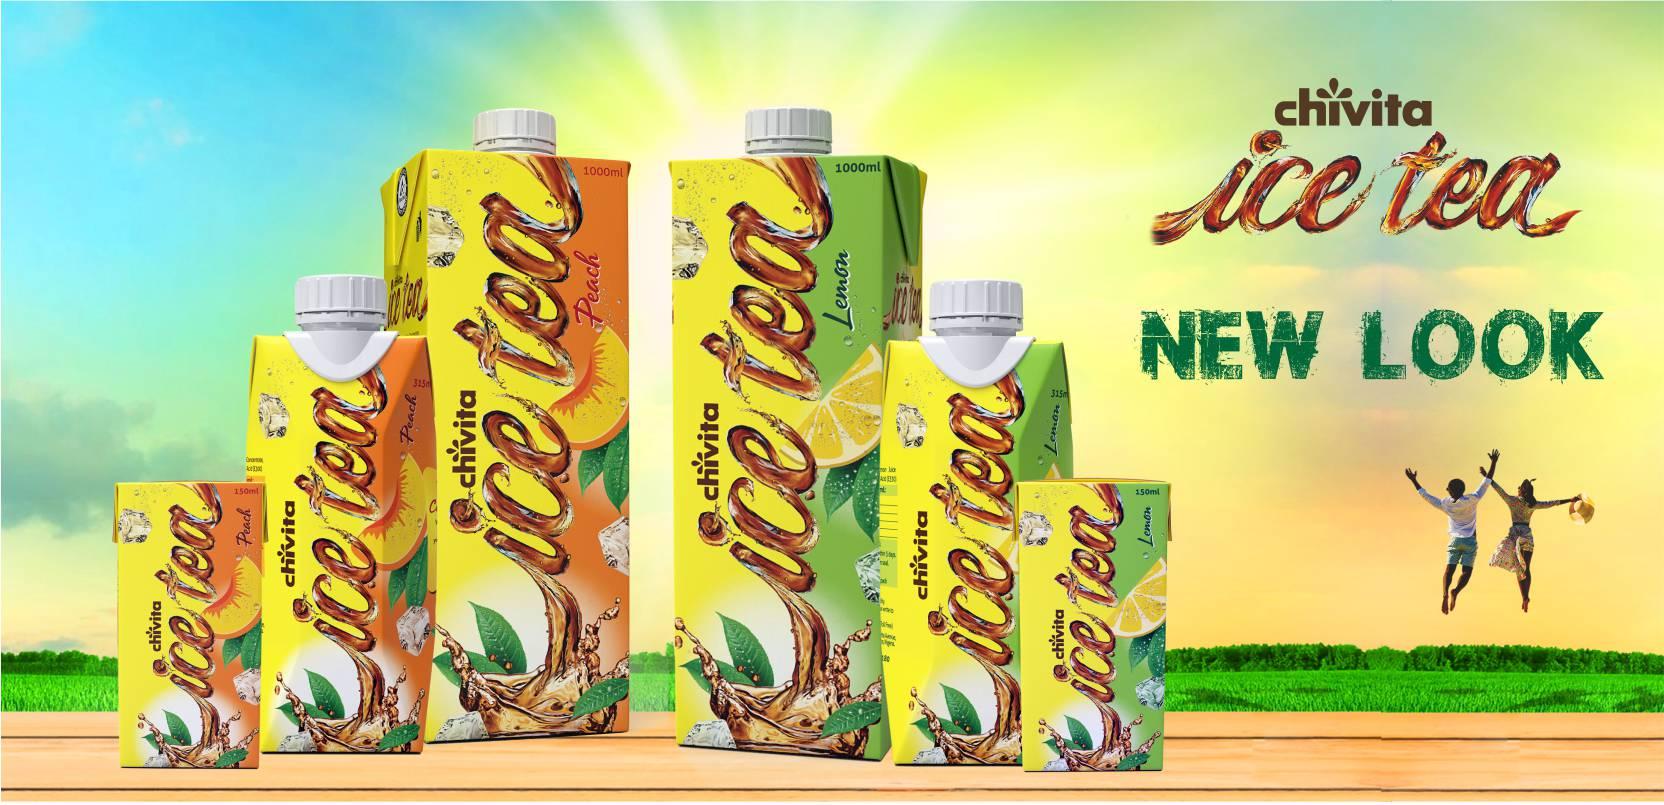 New Launch Chivita Ice Tea Pack